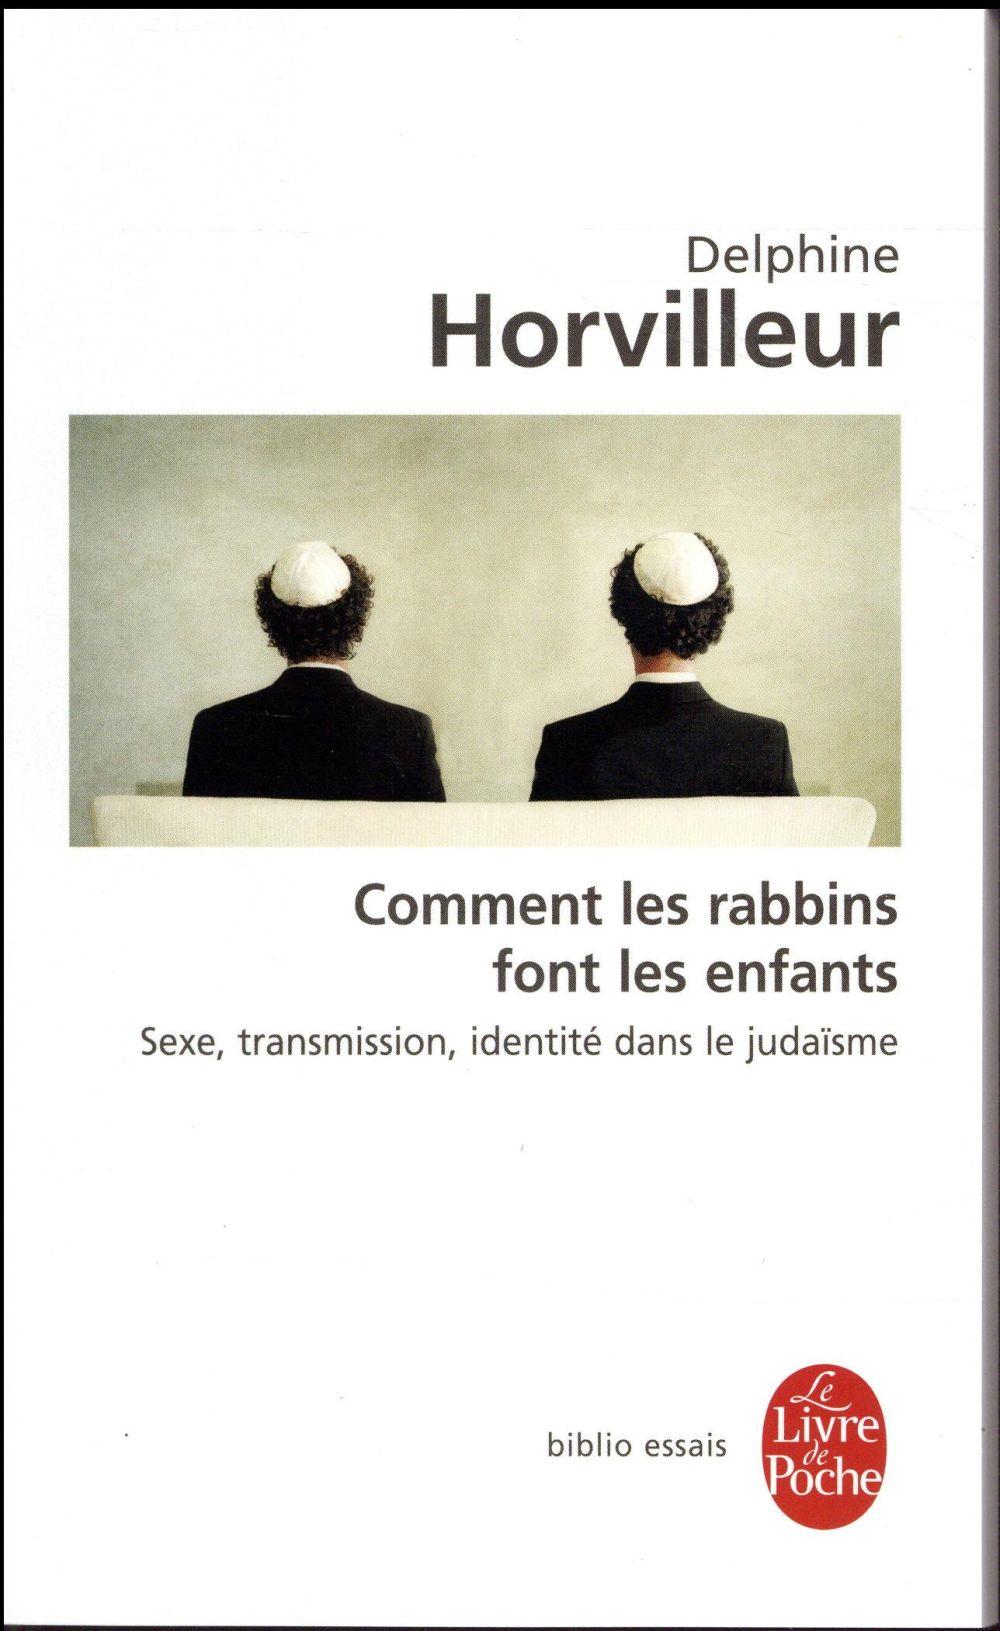 Comment les rabbins font les enfants ? sexe, transmission, identité dans le judaïsme